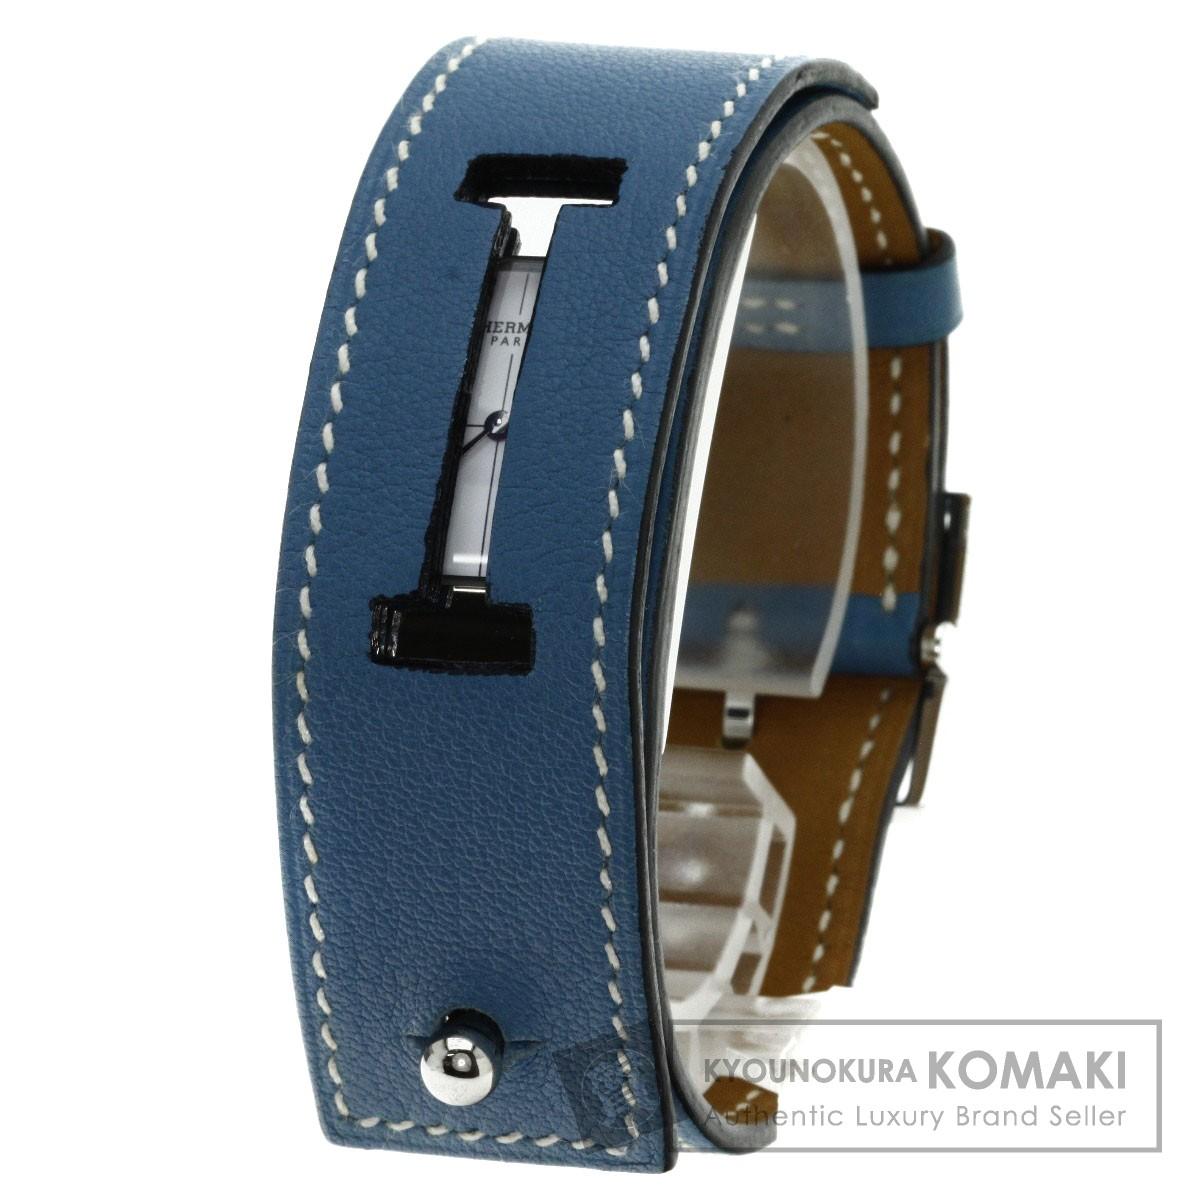 HERMES CM1.210 シェルシュミディ 腕時計 ステンレス/革 レディース 【中古】【エルメス】